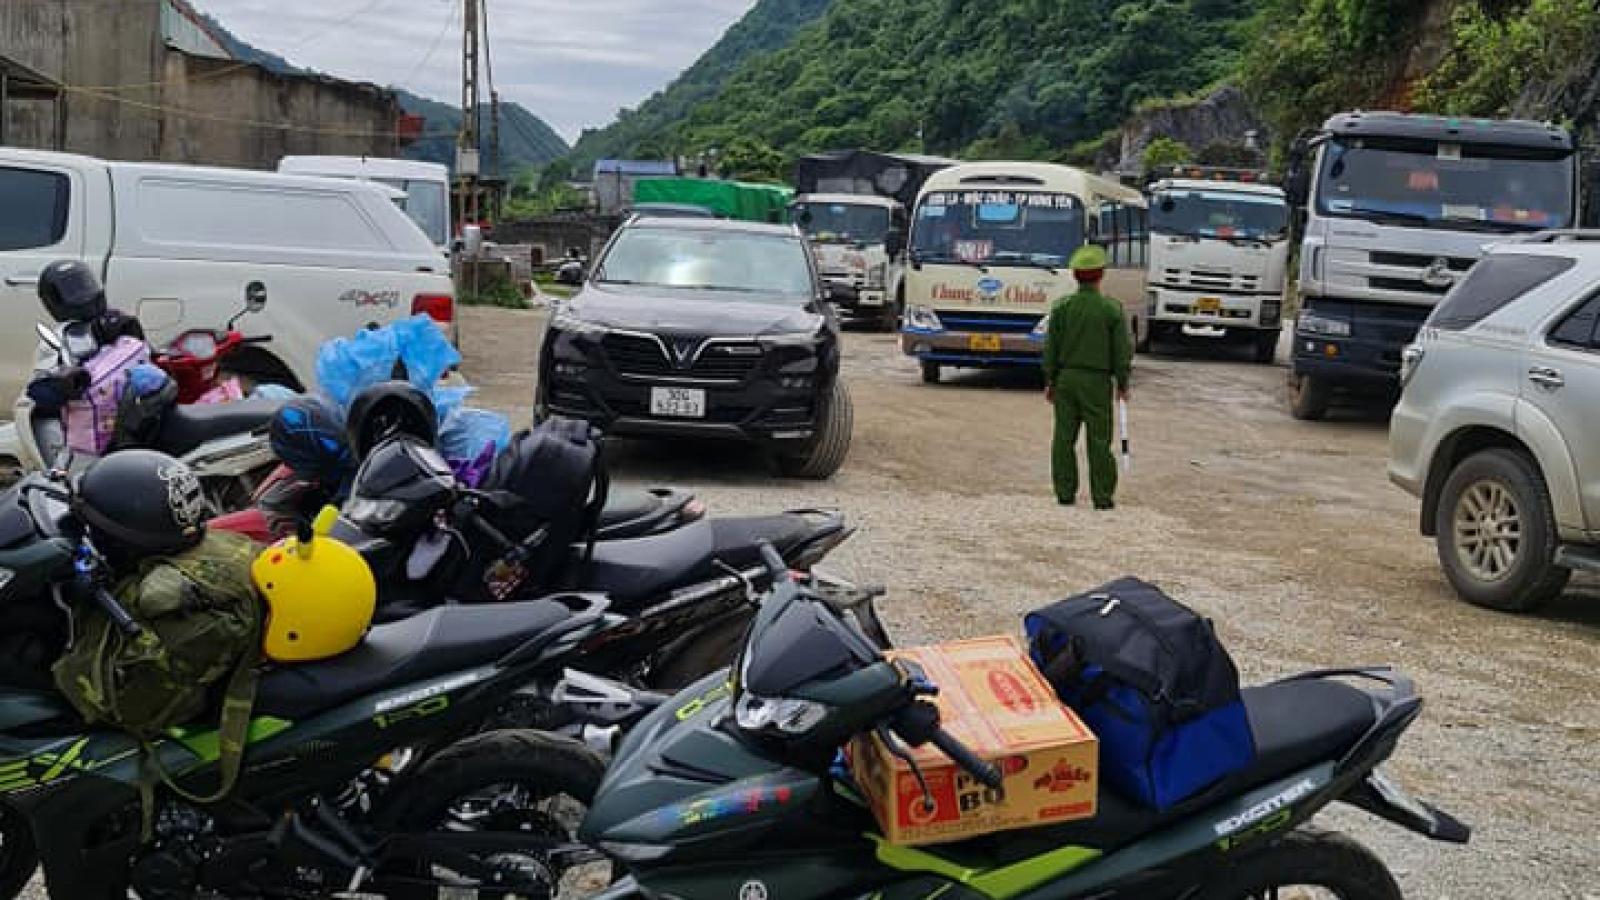 Hơn 47.000 người khai báo y tế tại trạm kiểm soát dịch Covid-19 Vân Hồ dịp nghỉ lễ